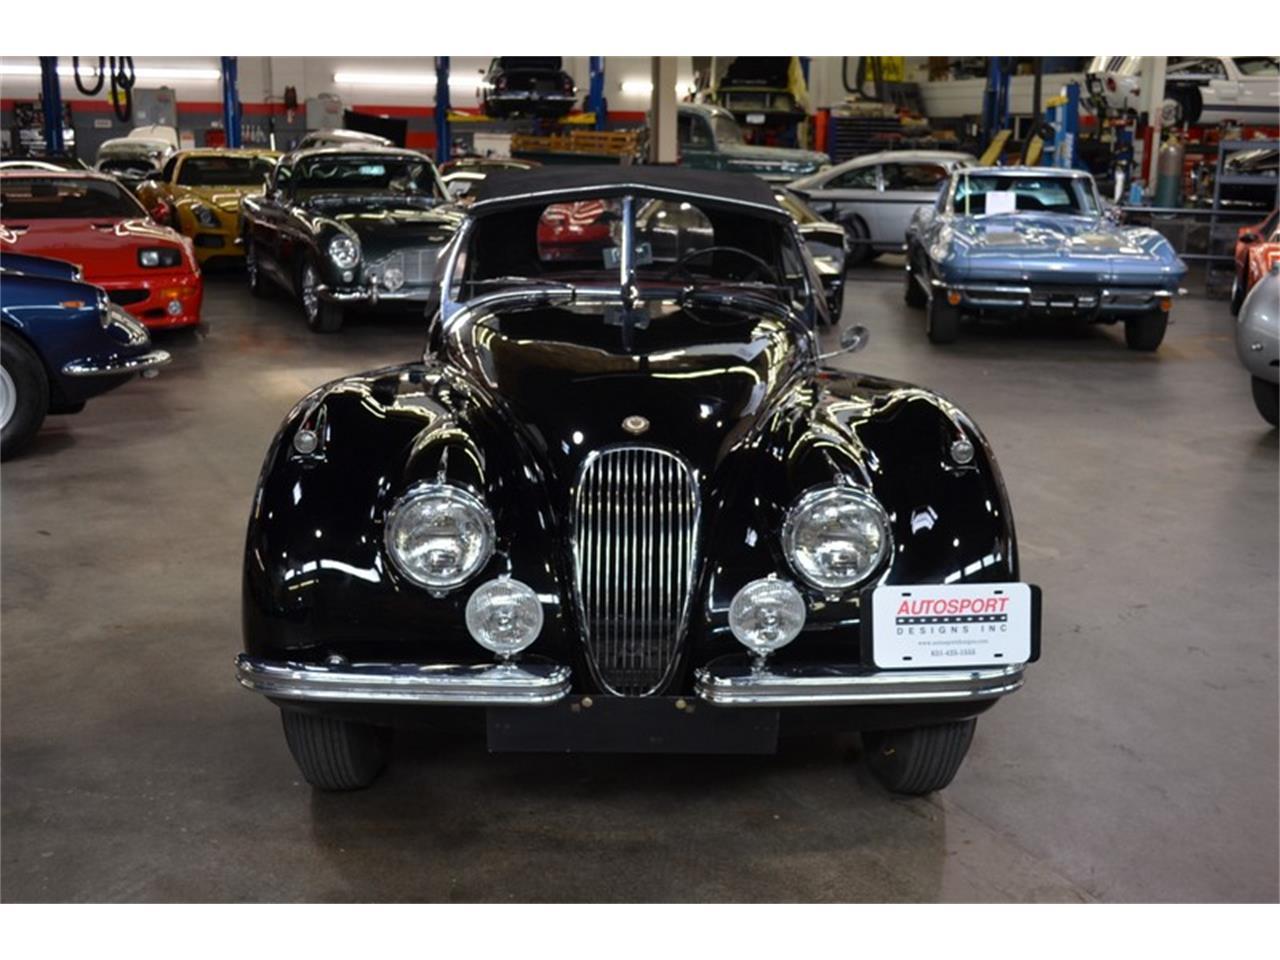 1954 jaguar xk120 for sale classiccars com cc 1071922 jaguar head large picture of '54 xk120 mz3m